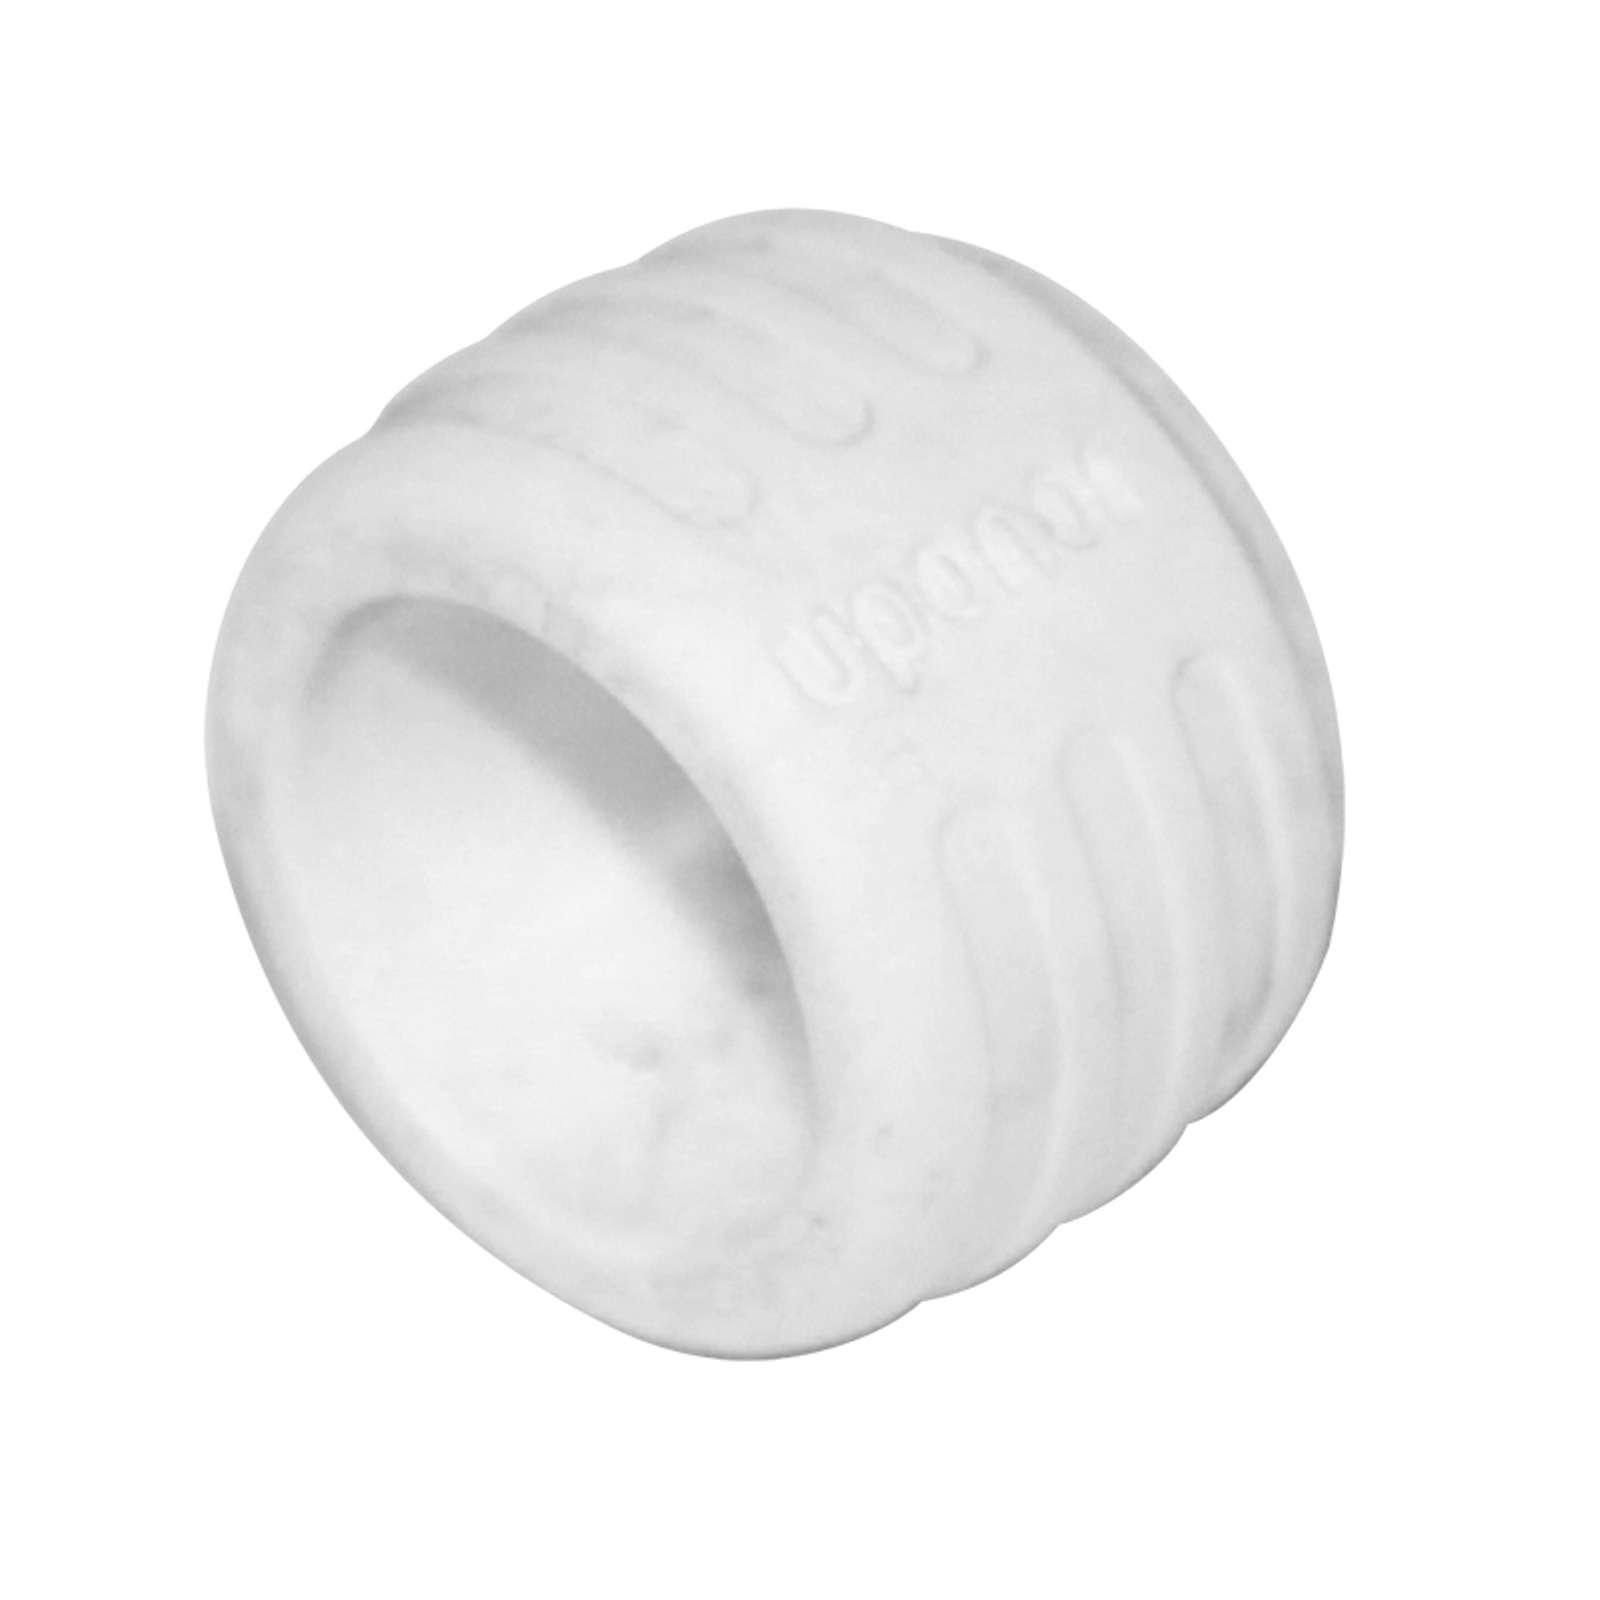 Кольцо белое Uponor 50мм. с упором